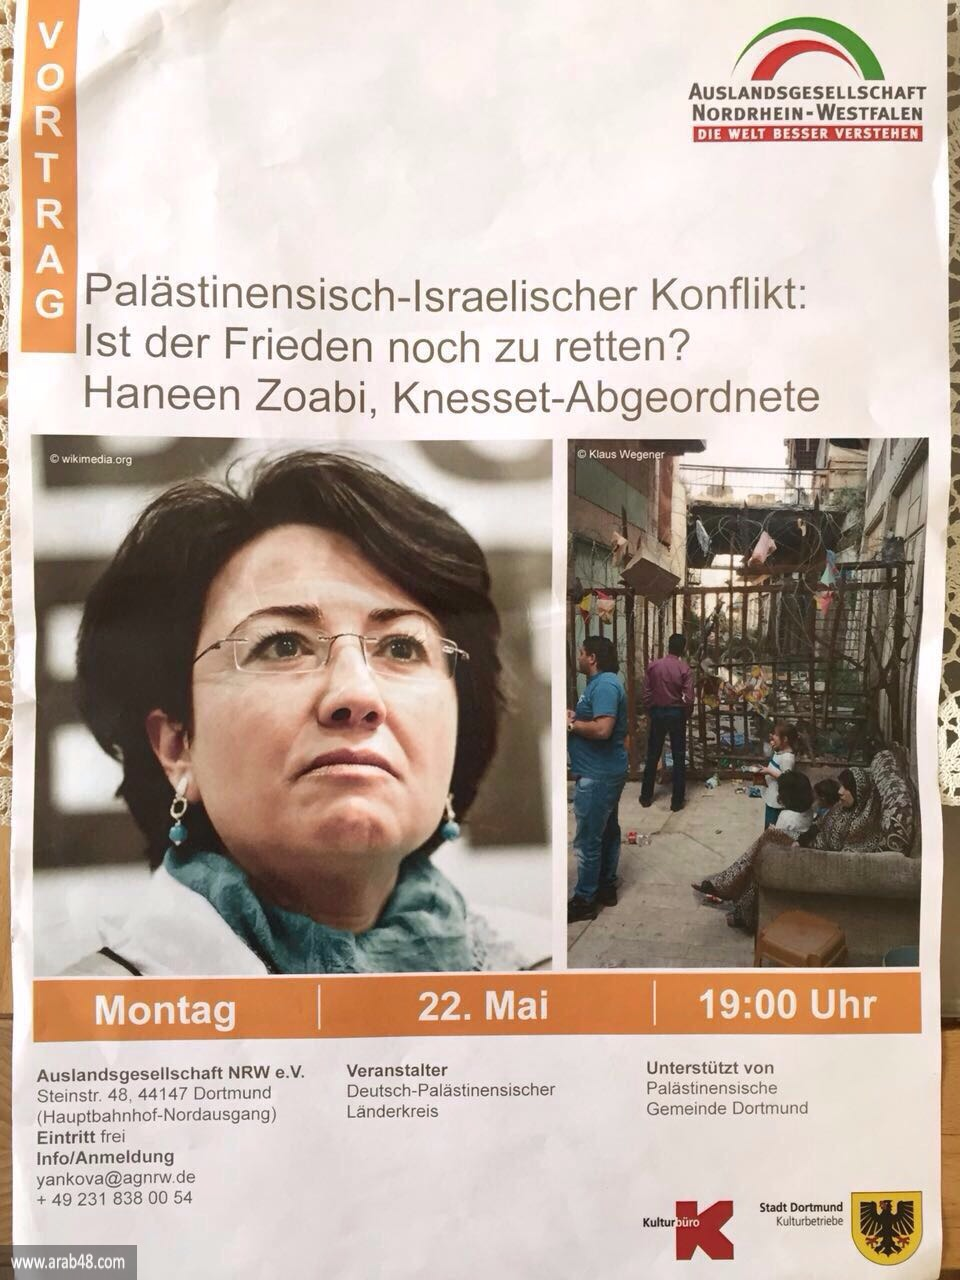 زعبي لنقابة الأطباء الألمانية: المستشفيات الإسرائيلية تعمل بتوجيهات عسكرية